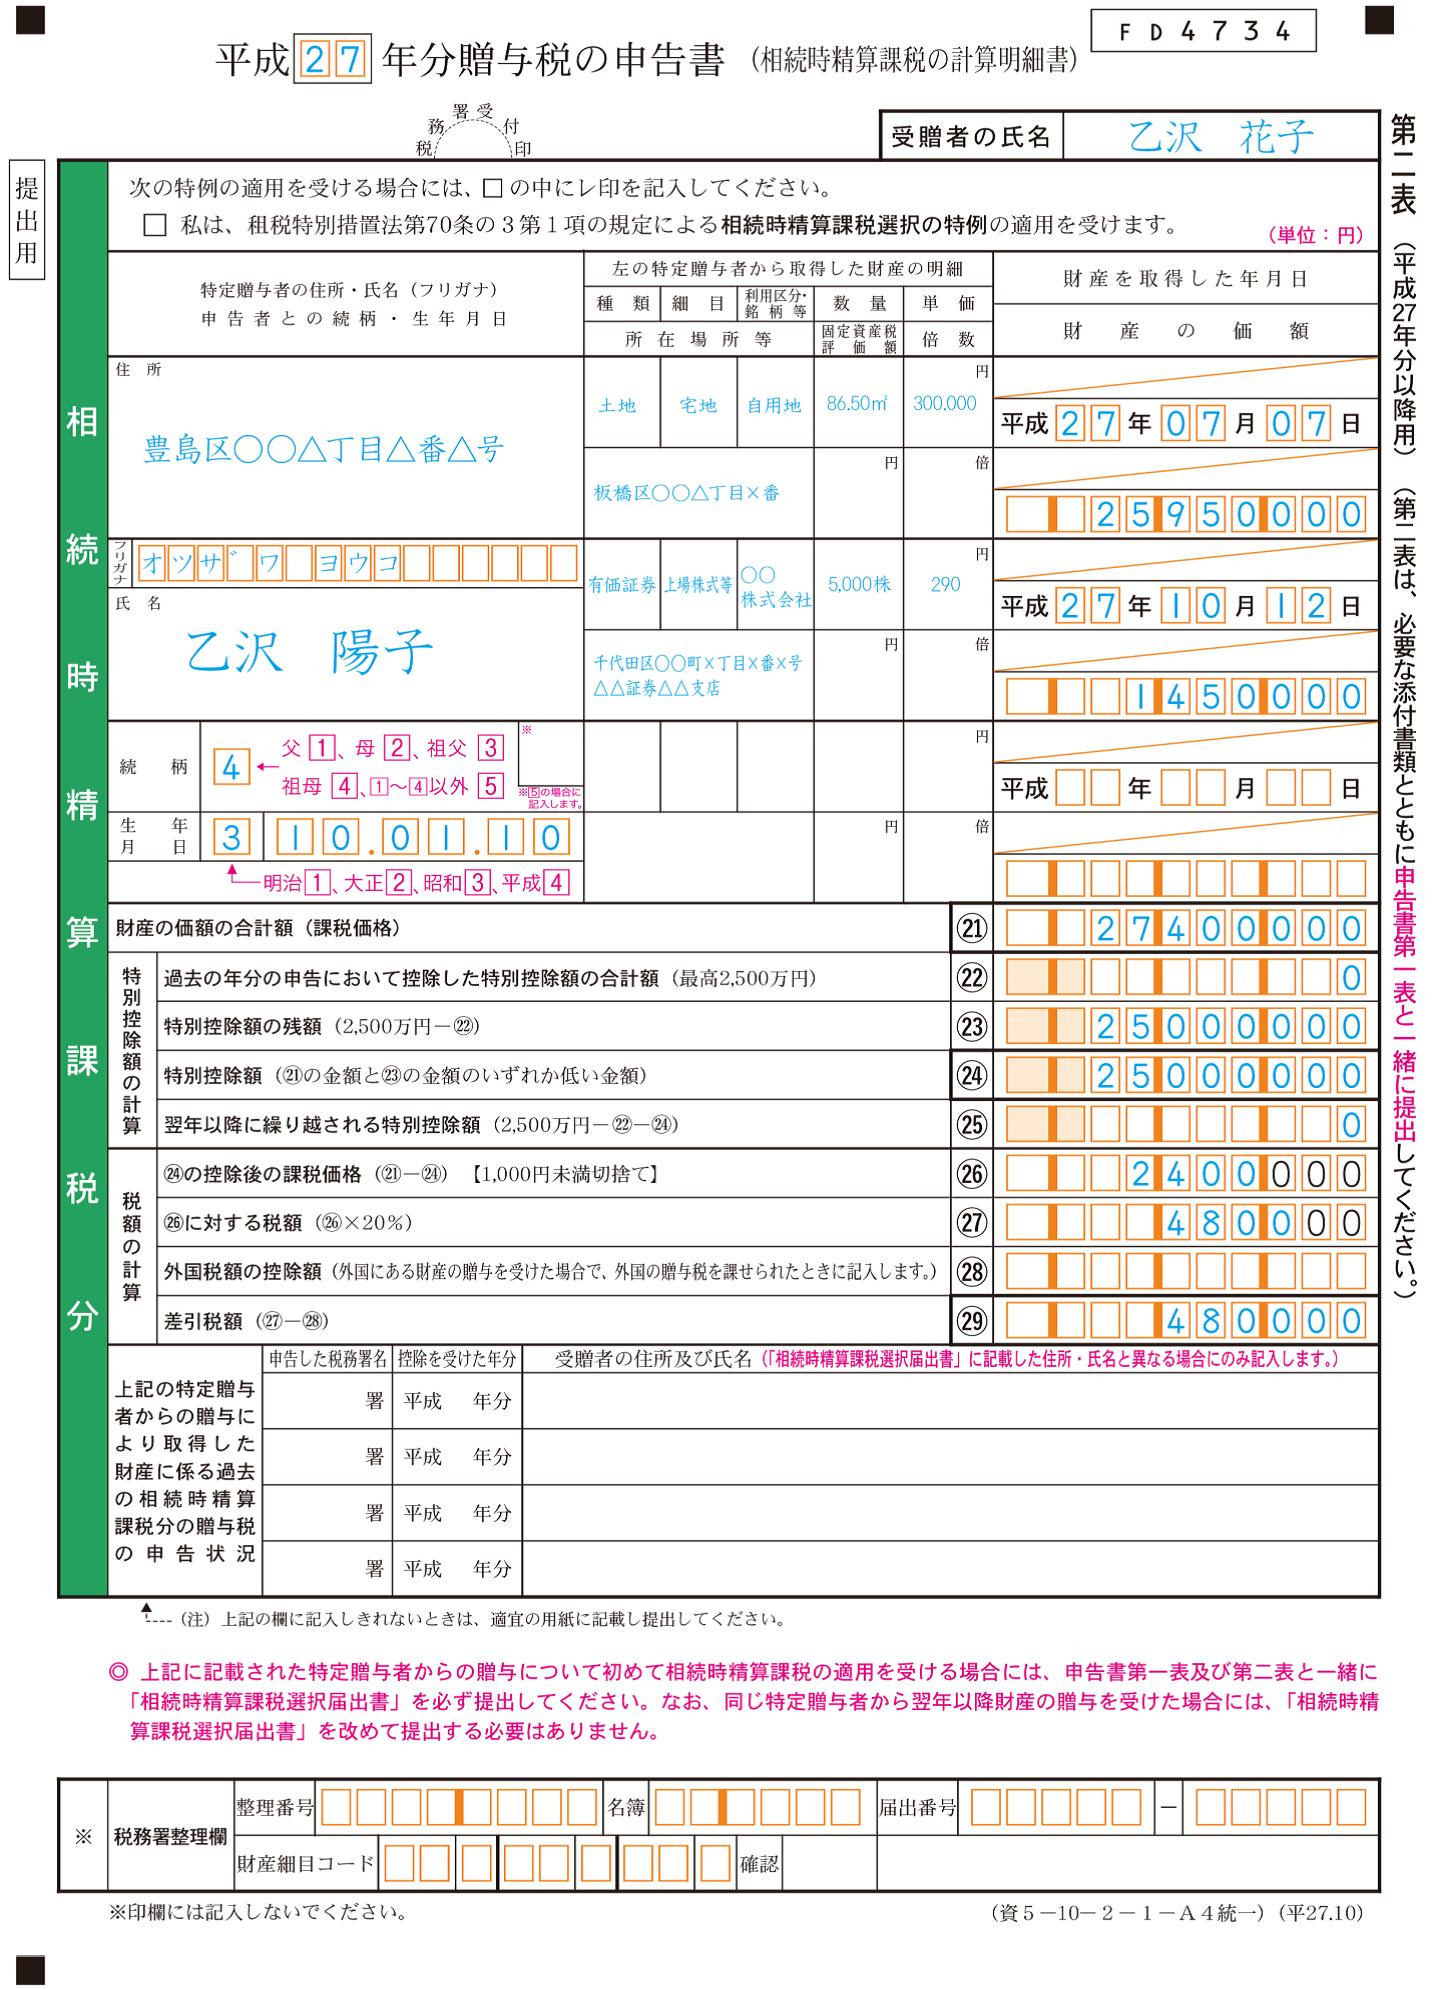 贈与税_第2表